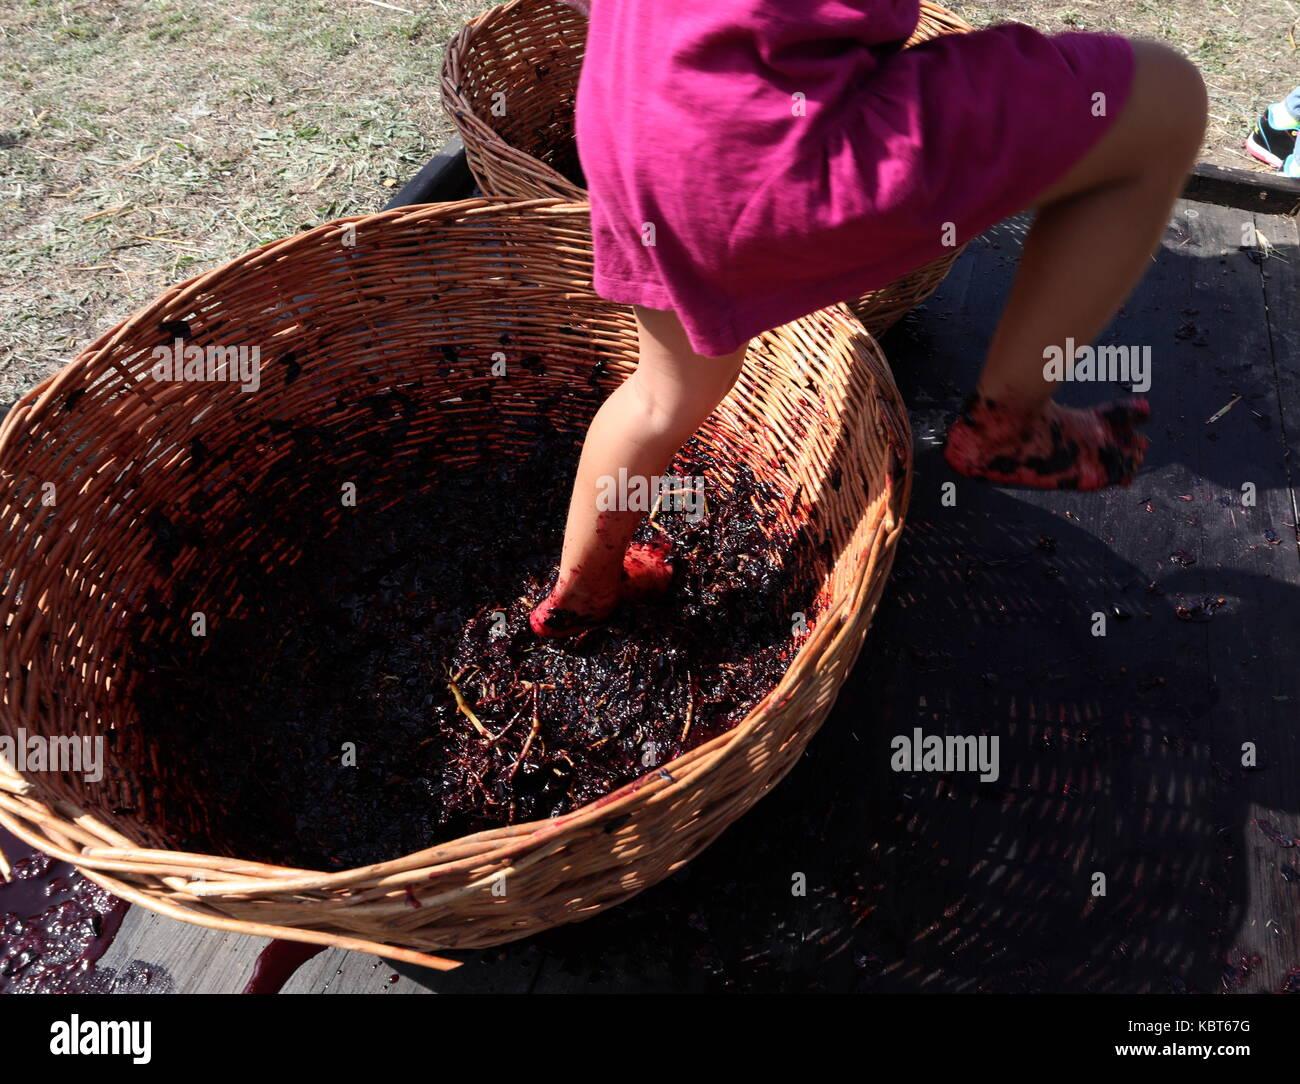 Crimea, Rusia. 30 sep, 2017. Un niño winefest stomps uvas en la vendimia y elaboración del vino en el festival de zolotaya balka bodega en la ciudad de balaklava. Crédito: Sergei malgavko/tass/alamy live news Foto de stock